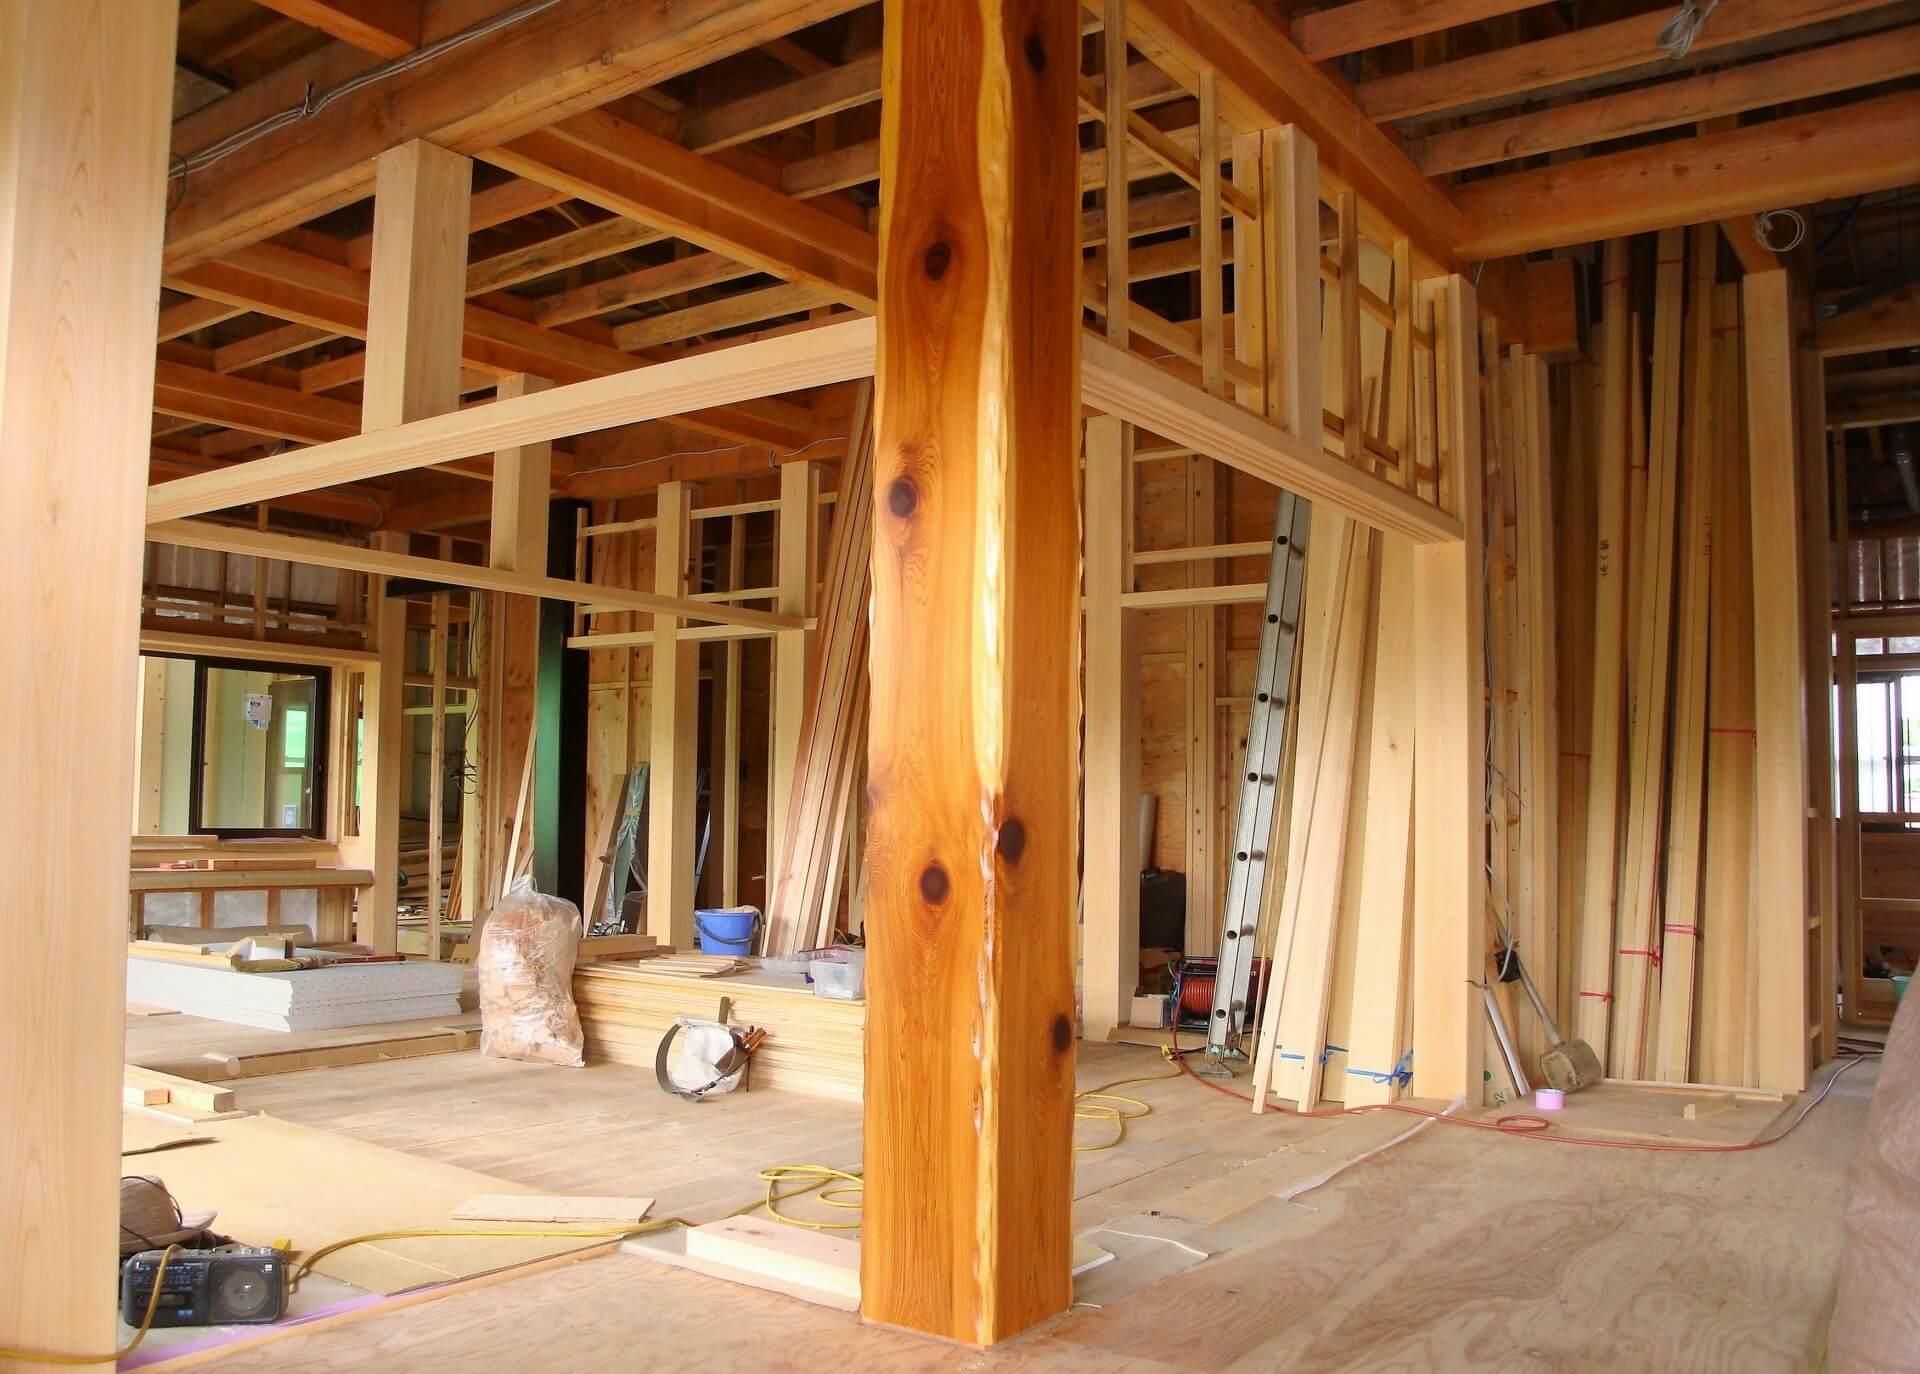 木造住宅は火災に強い?自然素材の特徴と合わせて紹介